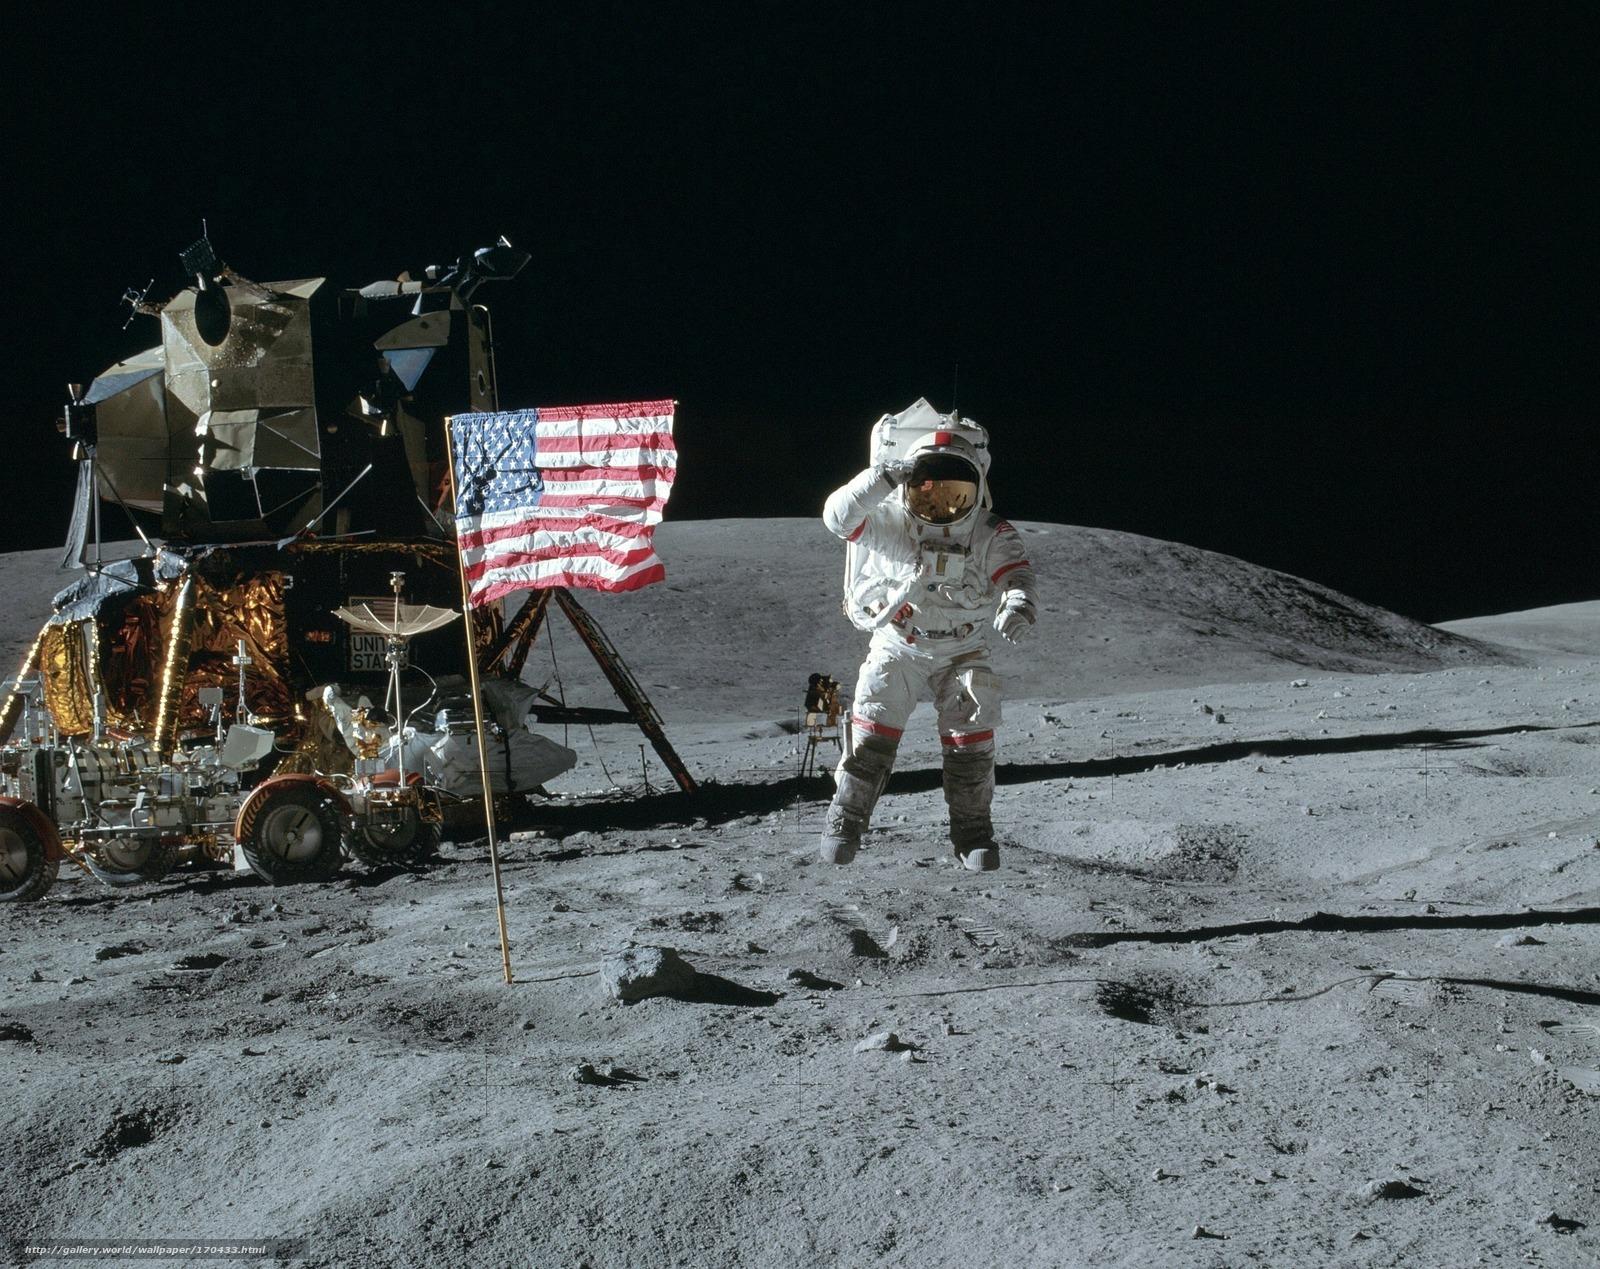 Скачать на телефон обои фото картинку на тему космос, луна, космонавт, американец, прыжок, флаг, америка, сша, лунный модуль, луноход, обои, разширение 2340x1856